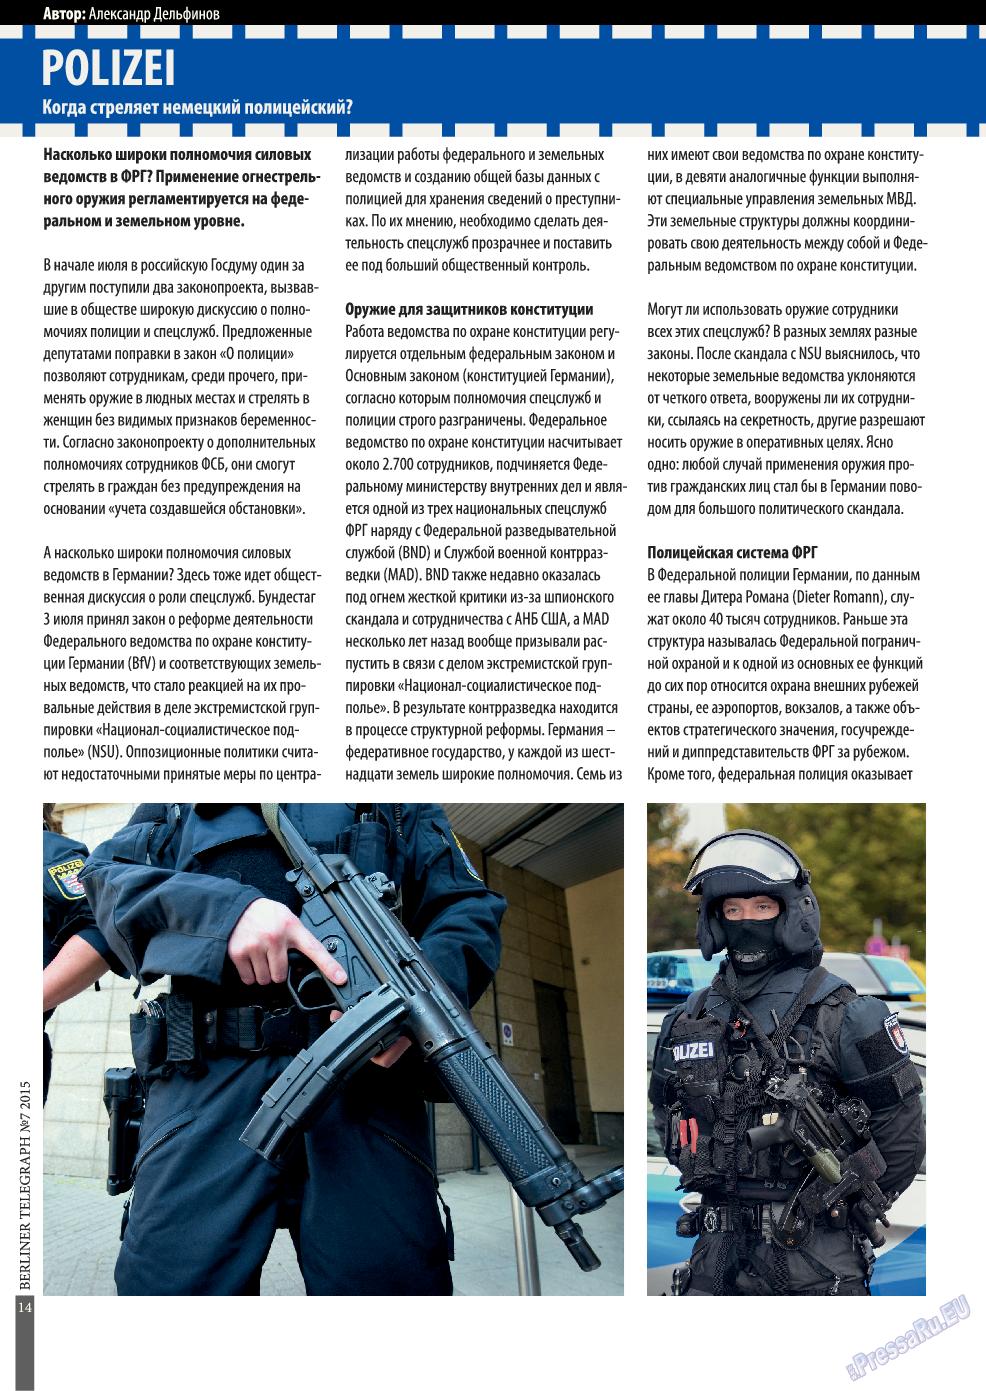 Берлинский телеграф (журнал). 2015 год, номер 8, стр. 14